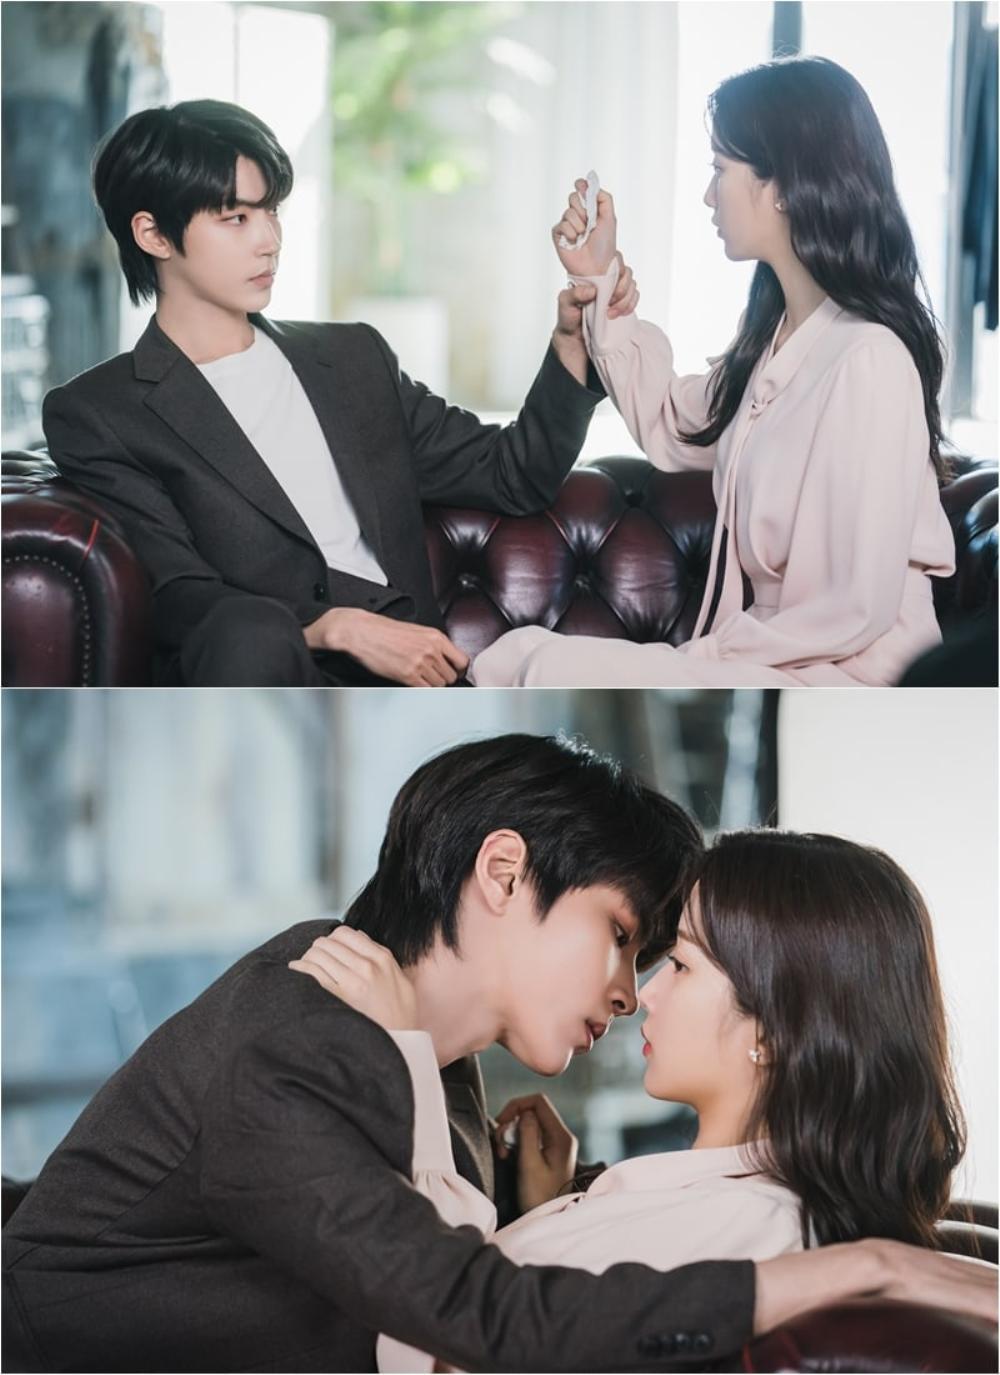 Loạt ảnh 'cẩu lương' ngọt ngào của nữ chính True Beauty và nam thần Hwang In Yeop Ảnh 5